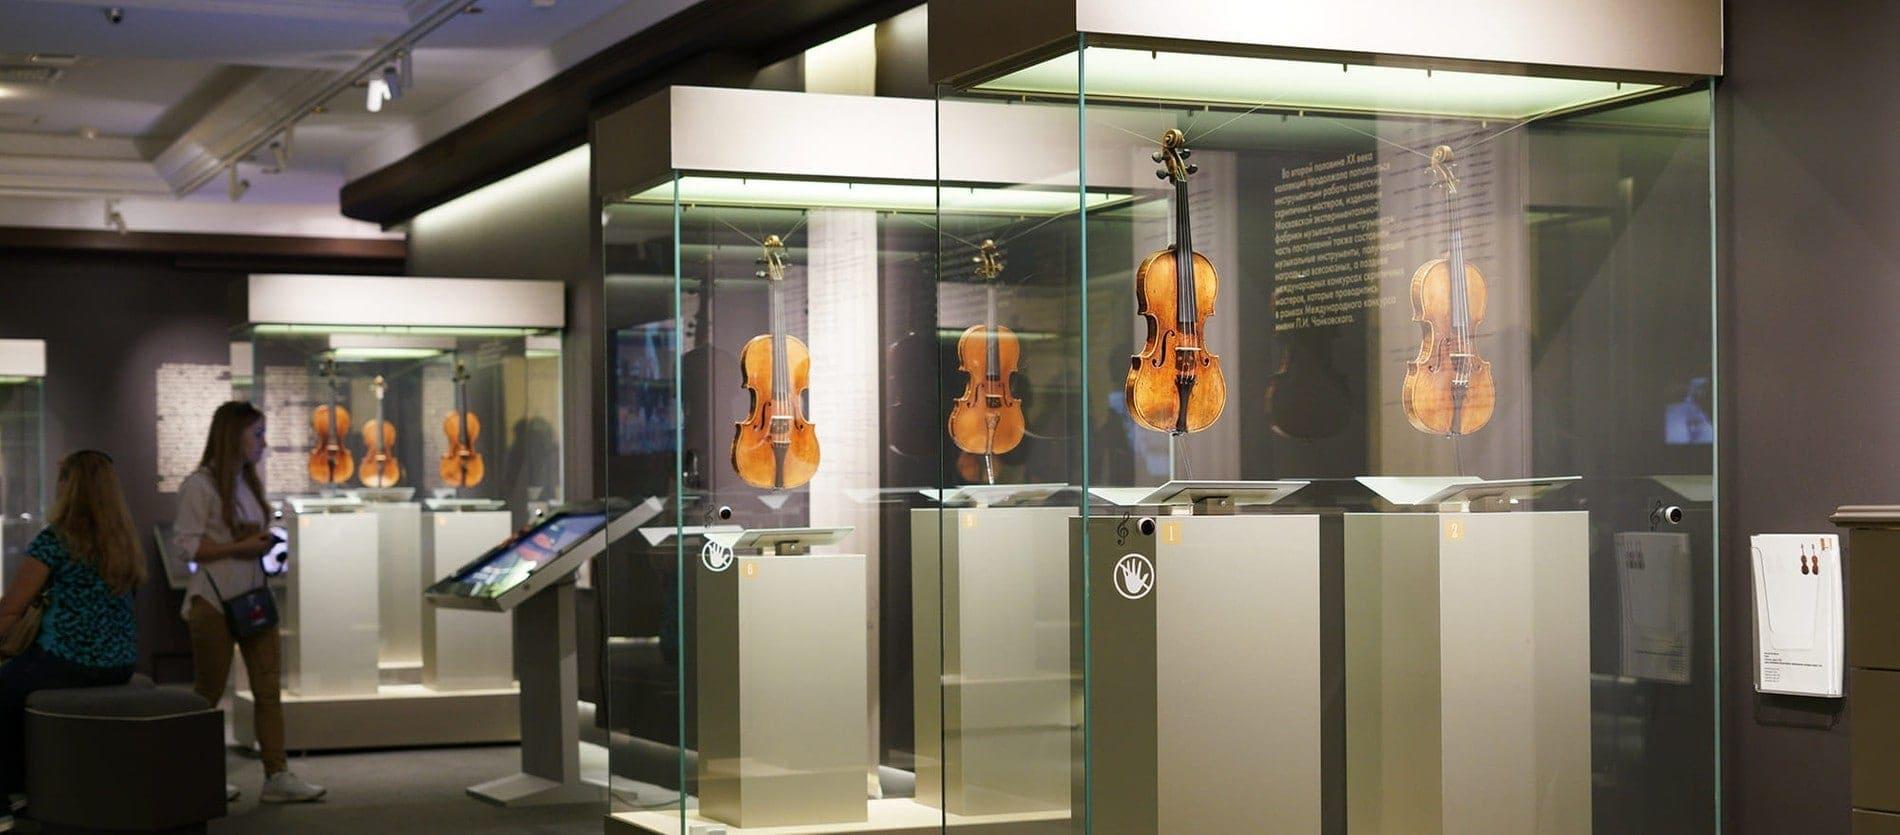 В России будет сформирована единая база данных музыкальных инструментов. Фото - сайт Российского национального музея музыки